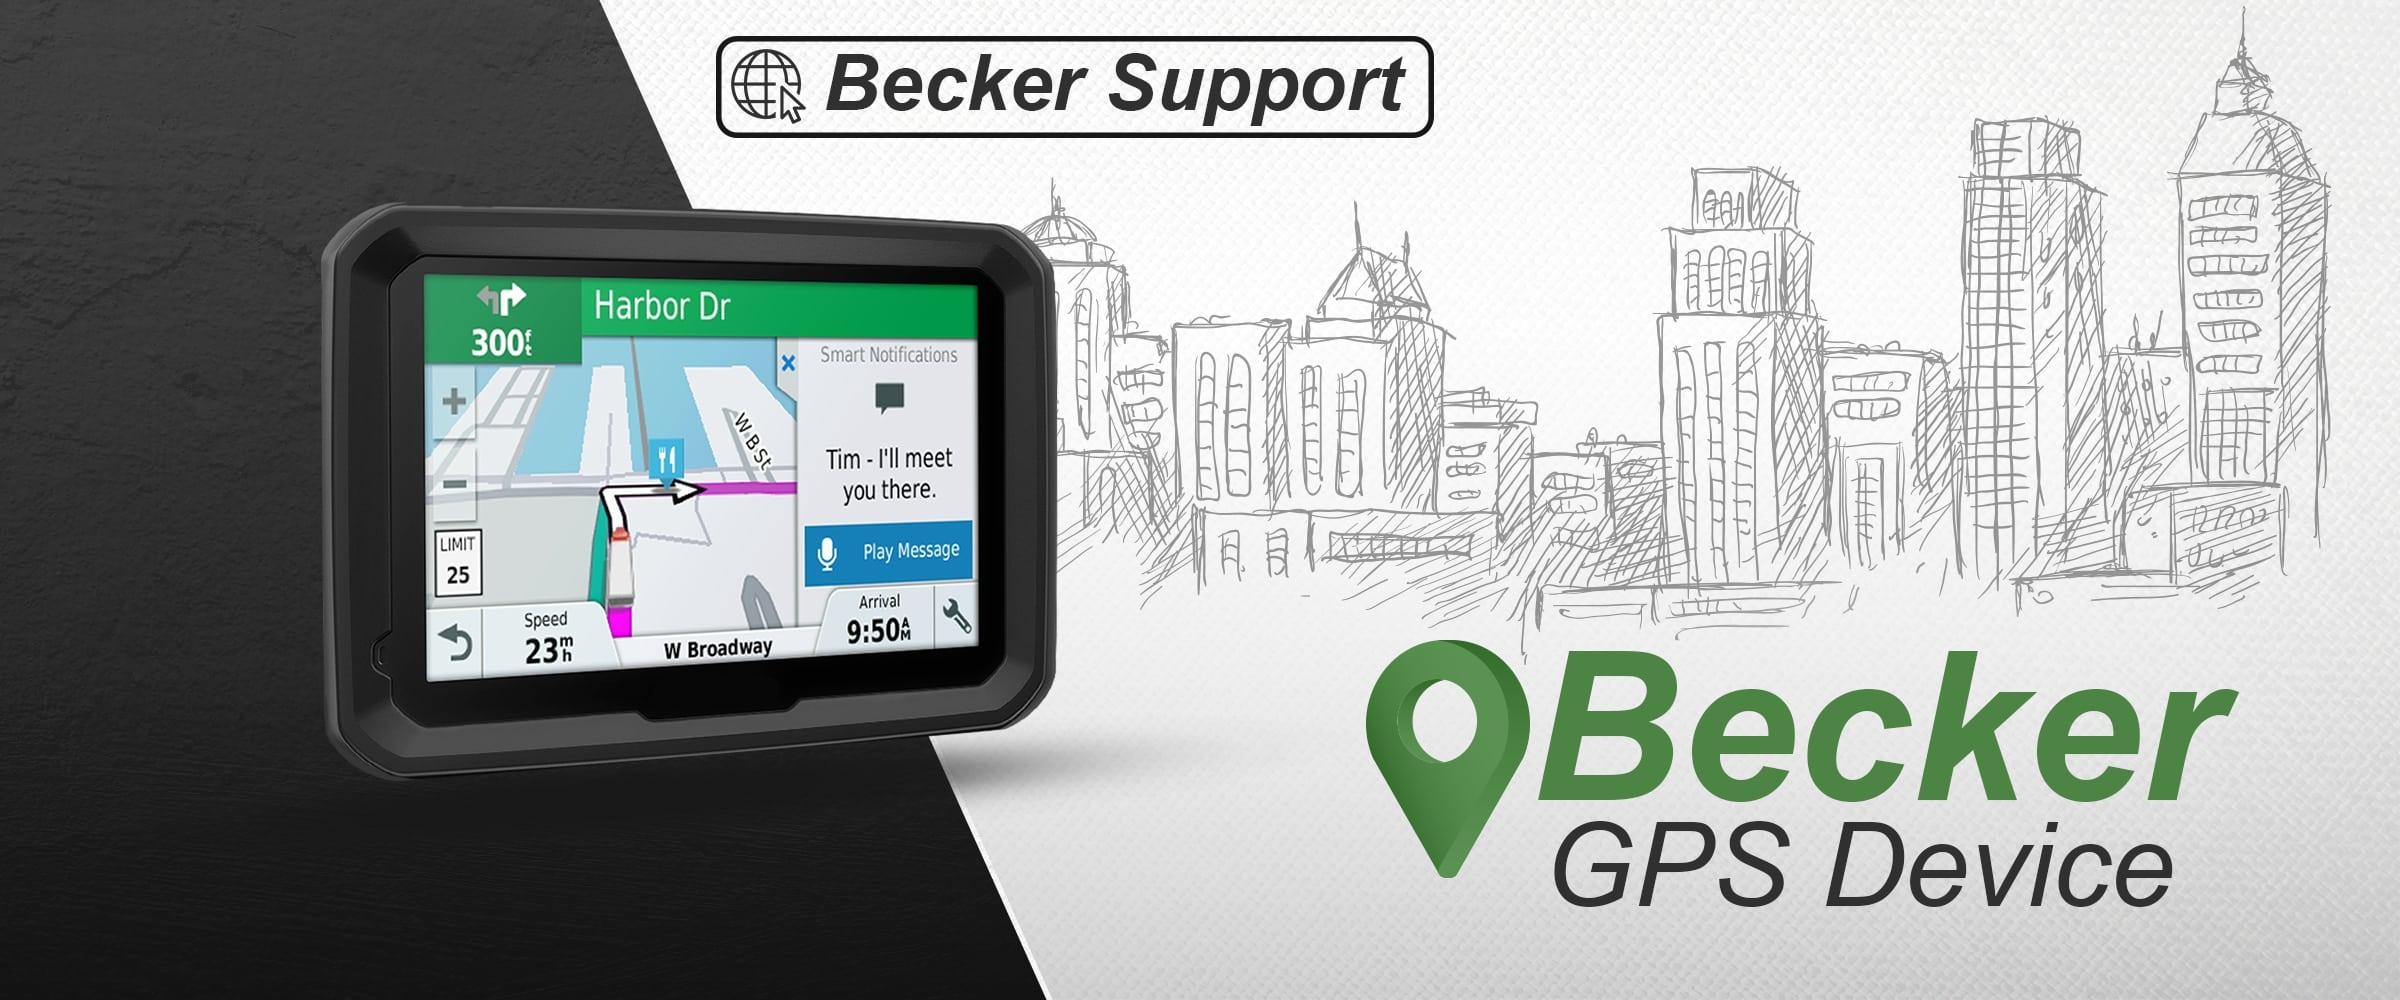 becker support